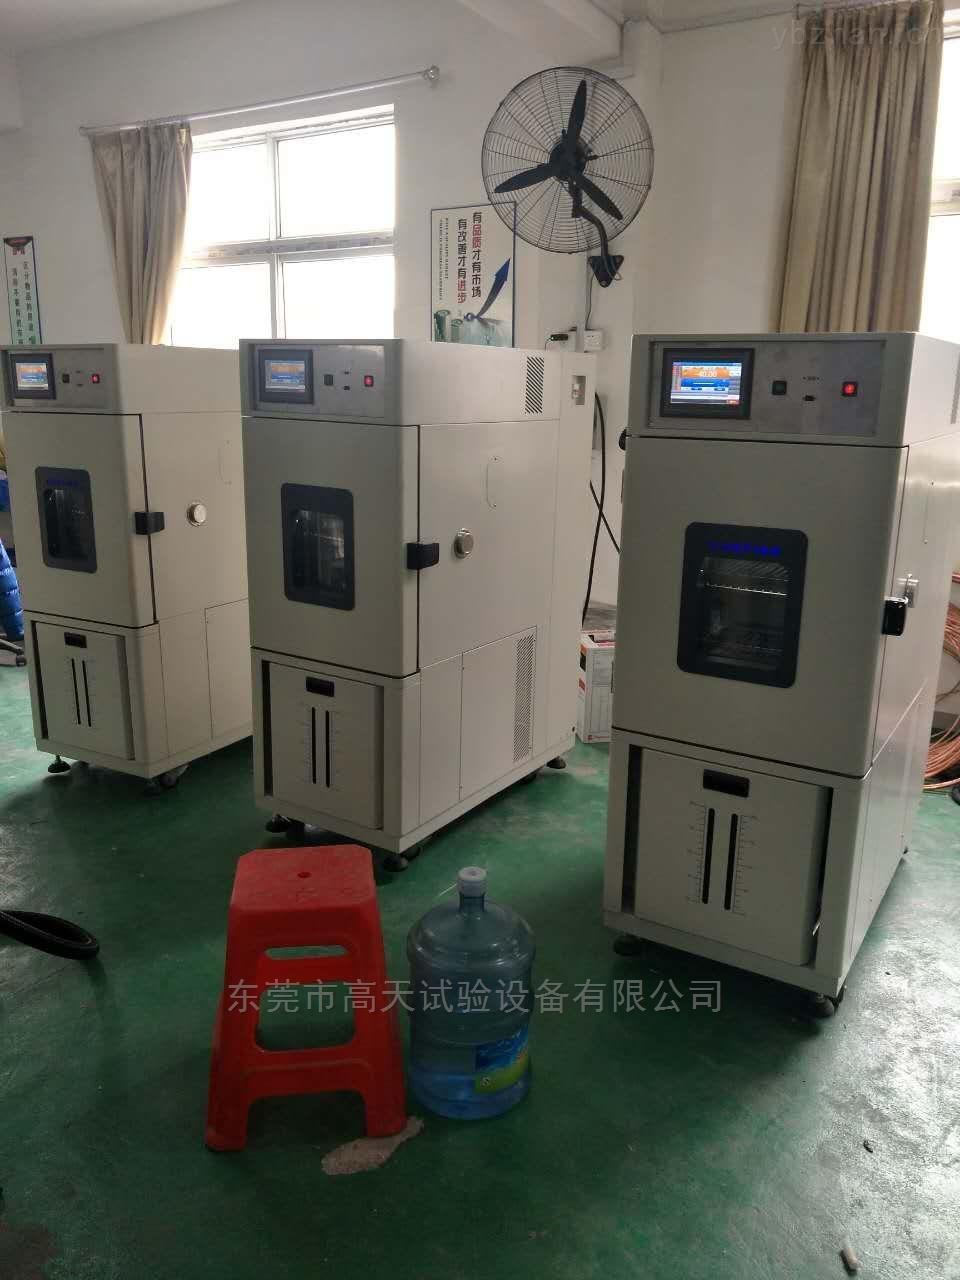 锂电池专用可程式恒温恒湿试验箱